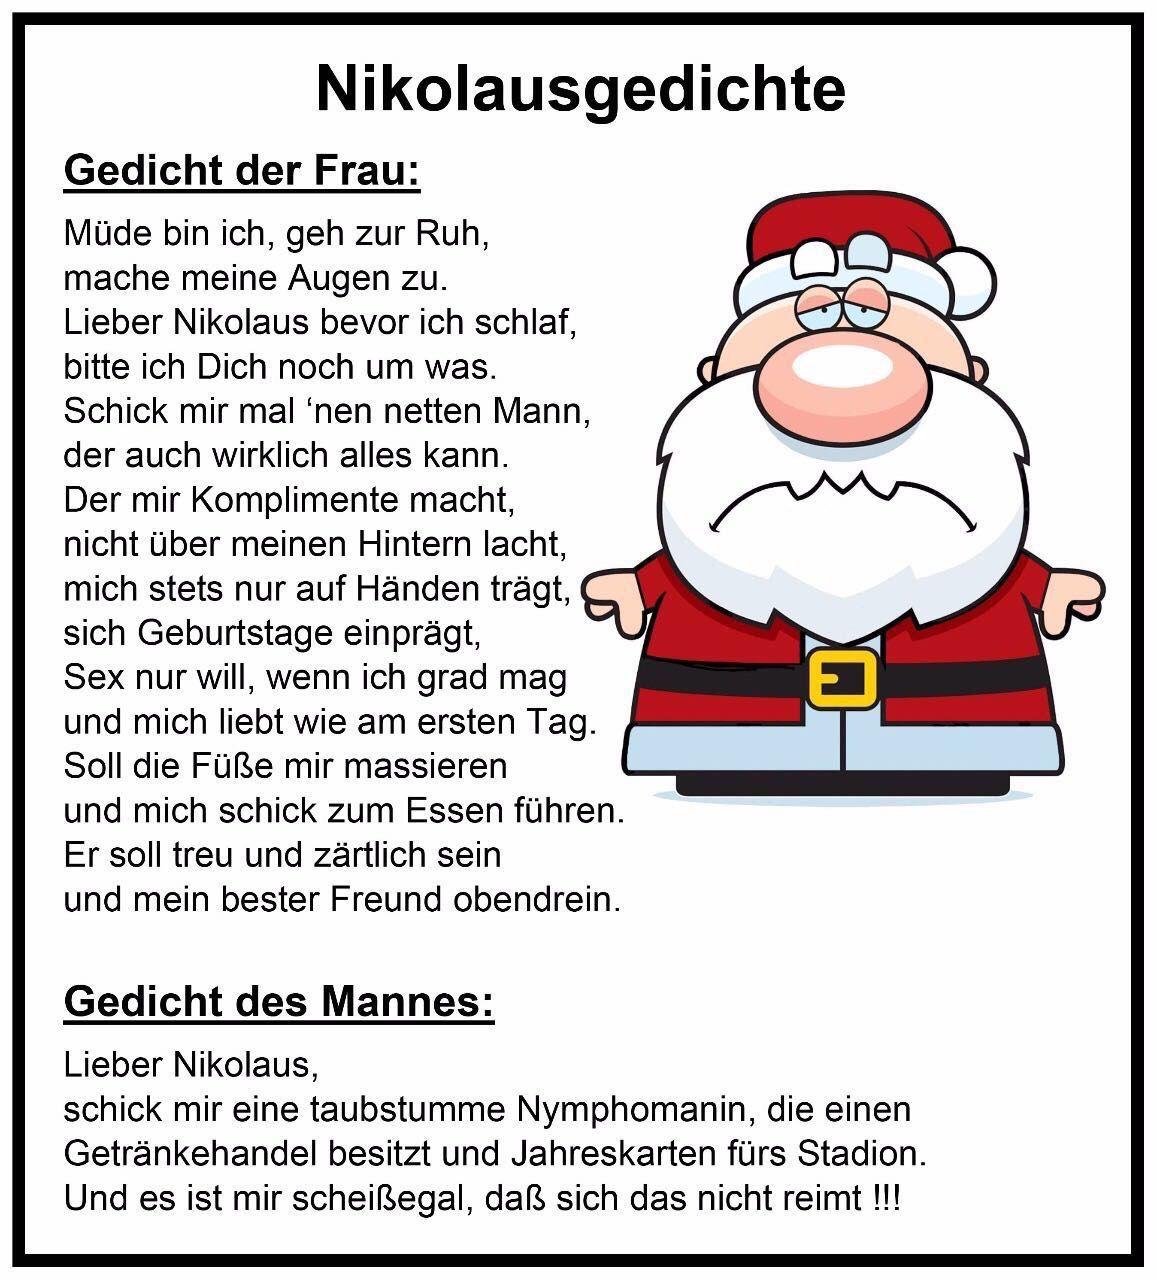 Pin Von Anita Mayerhofer Auf Advent Und Winterzeit | Sprüche über Lustige Gedichte Zur Weihnachtszeit